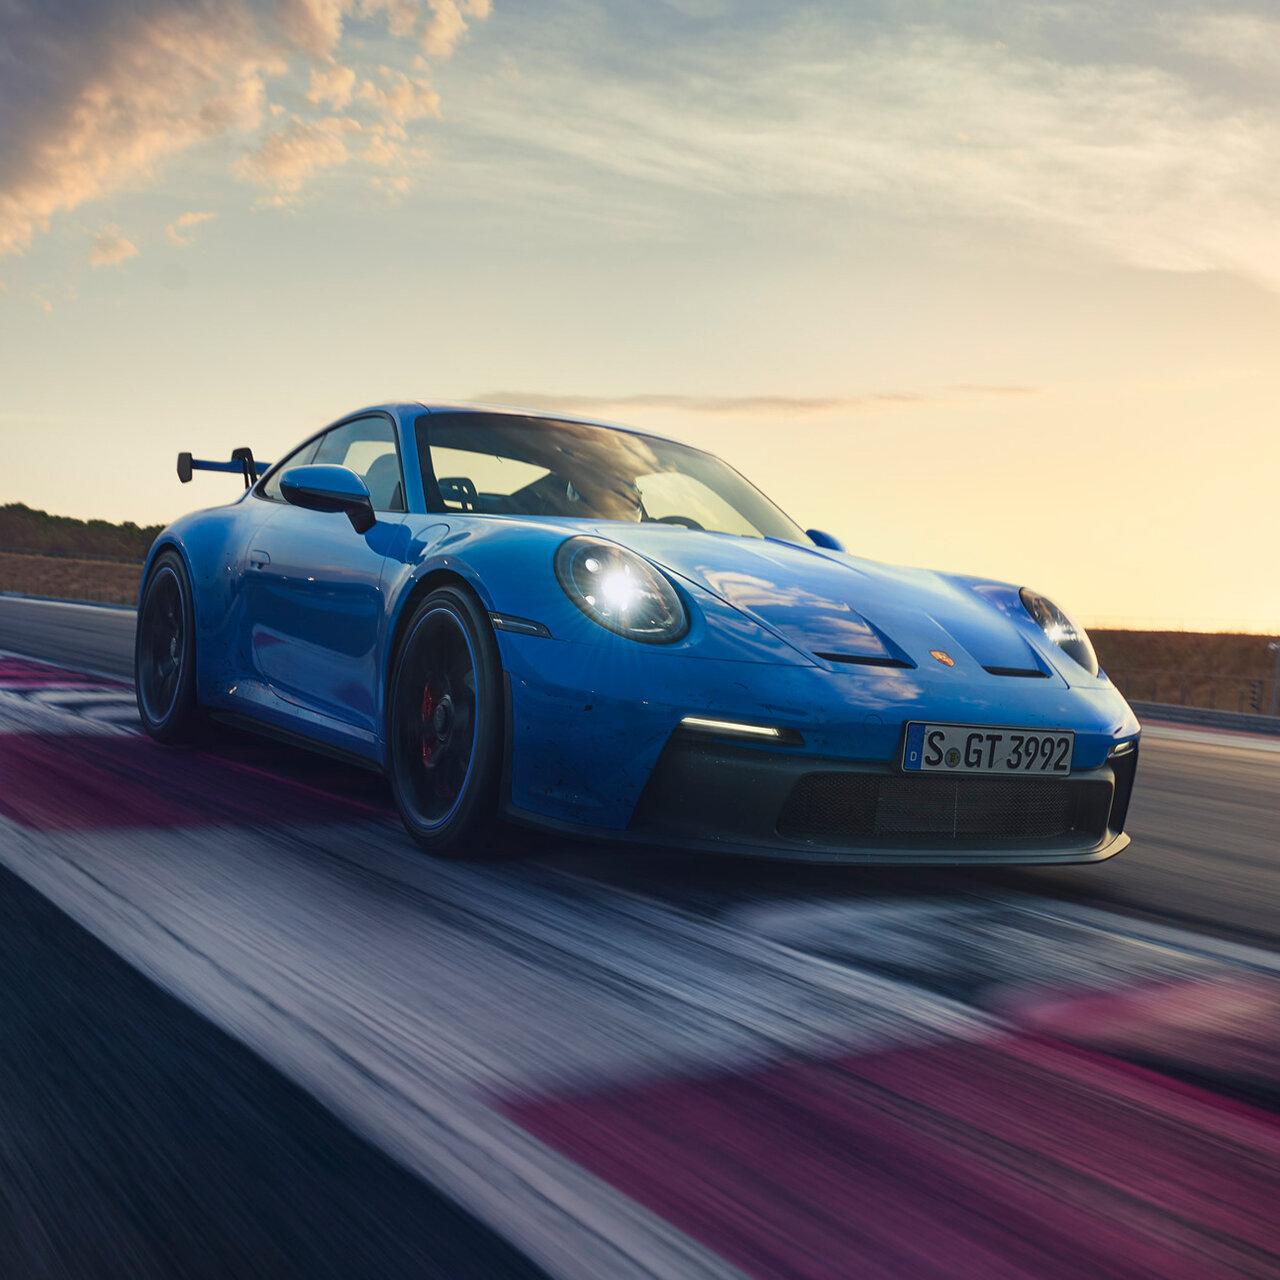 ニュル7分切りを記録──ポルシェ、レーステクノロジー満載の新型「911 GT3」発表|Porsche